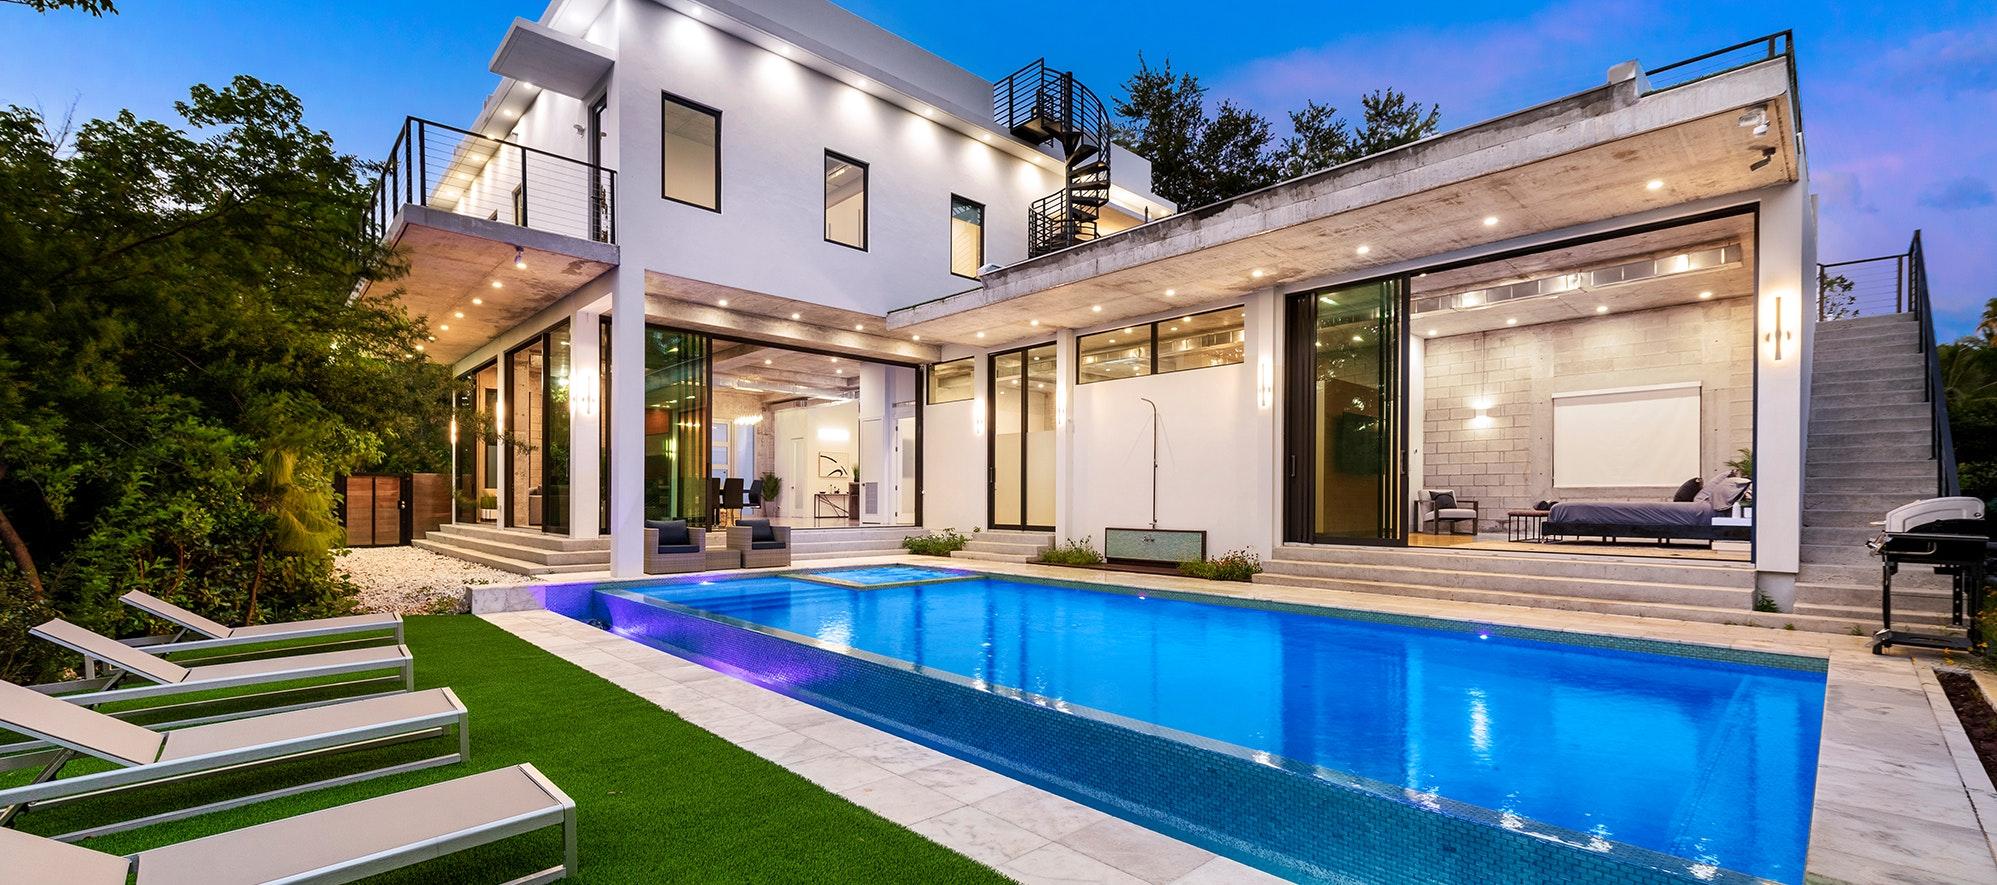 Villa Infinity luxury rental in Miami Shores